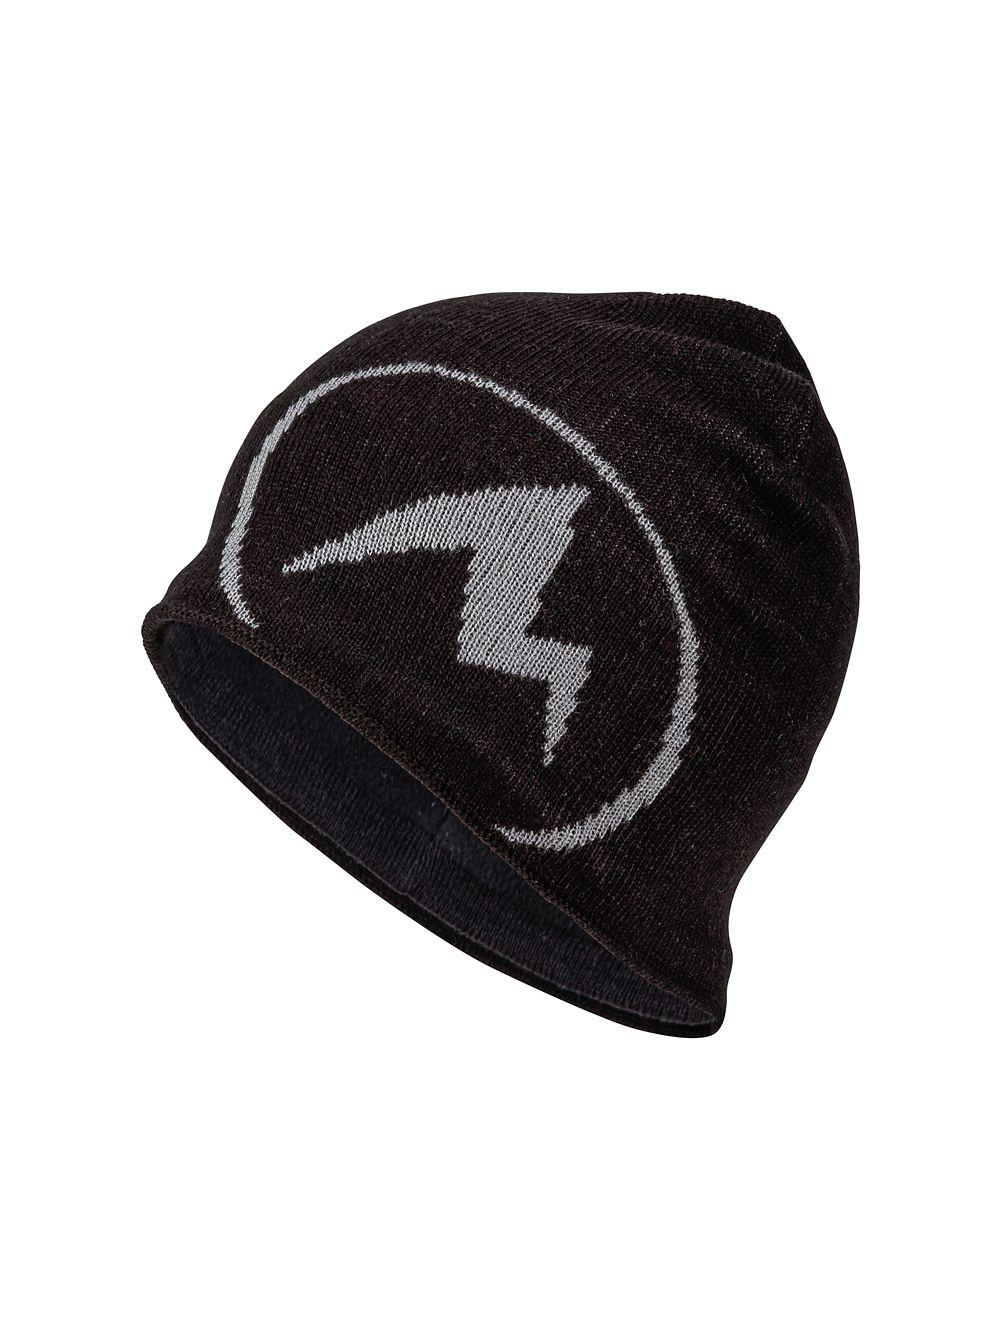 a326602af68 Lyst - Marmot Summit Hat in Black for Men